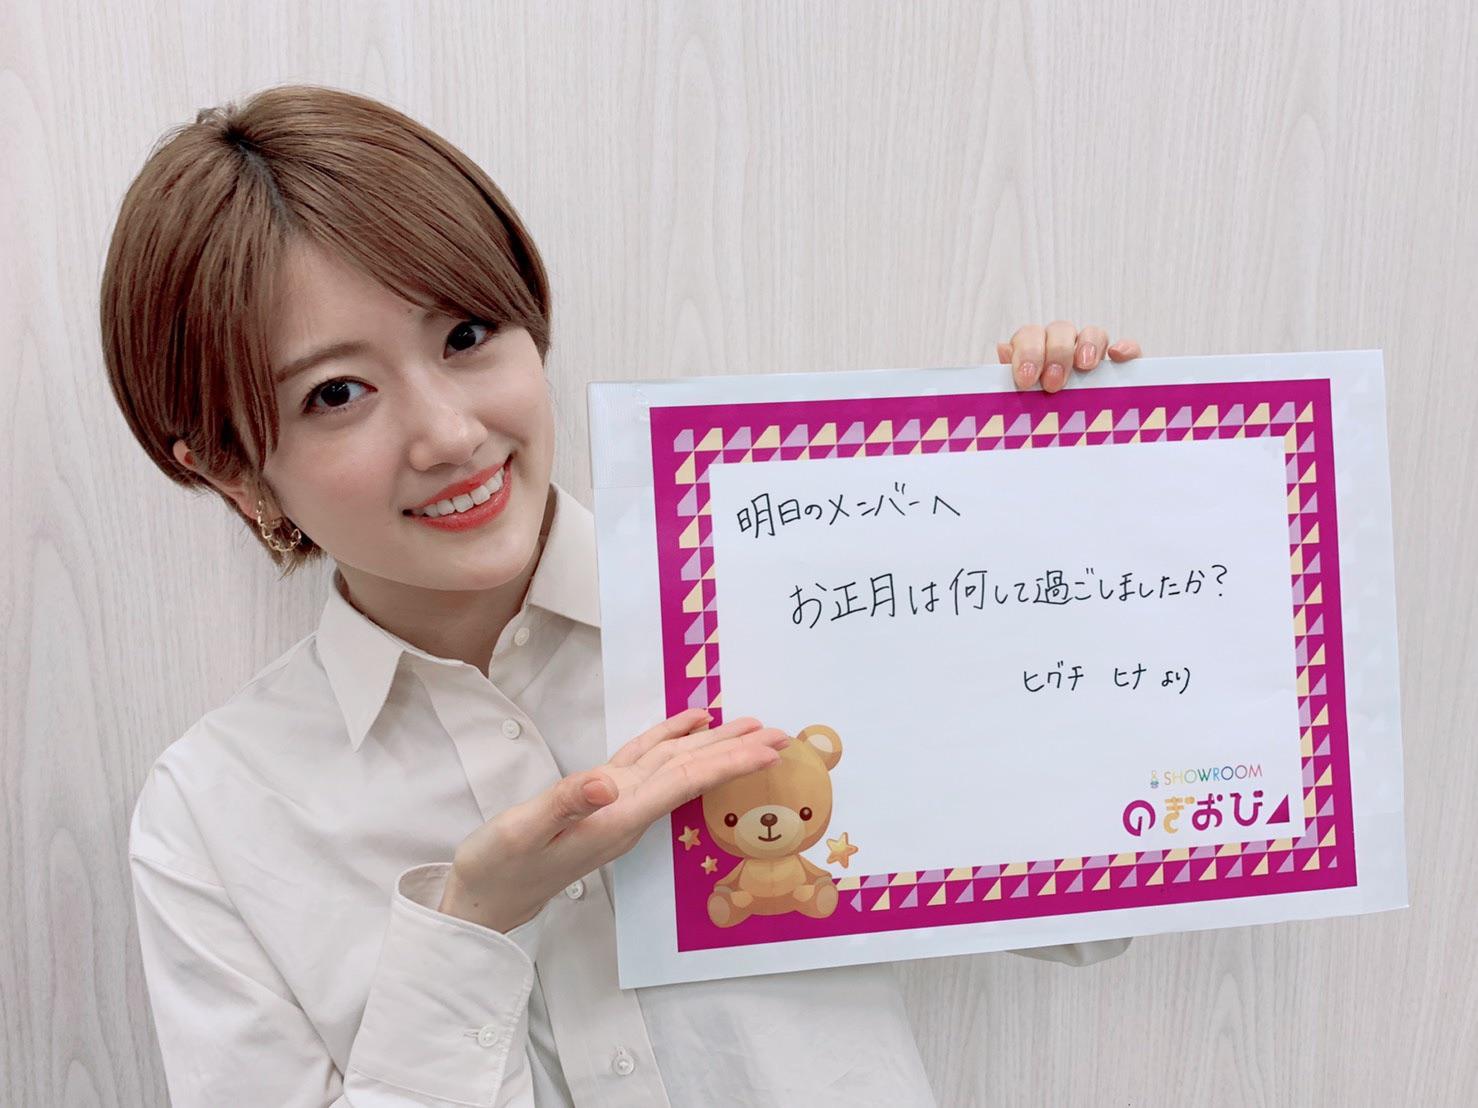 のぎおび 樋口日奈から渡辺みり愛への宿題は…<br>「お正月は何して過ごしましたか?」